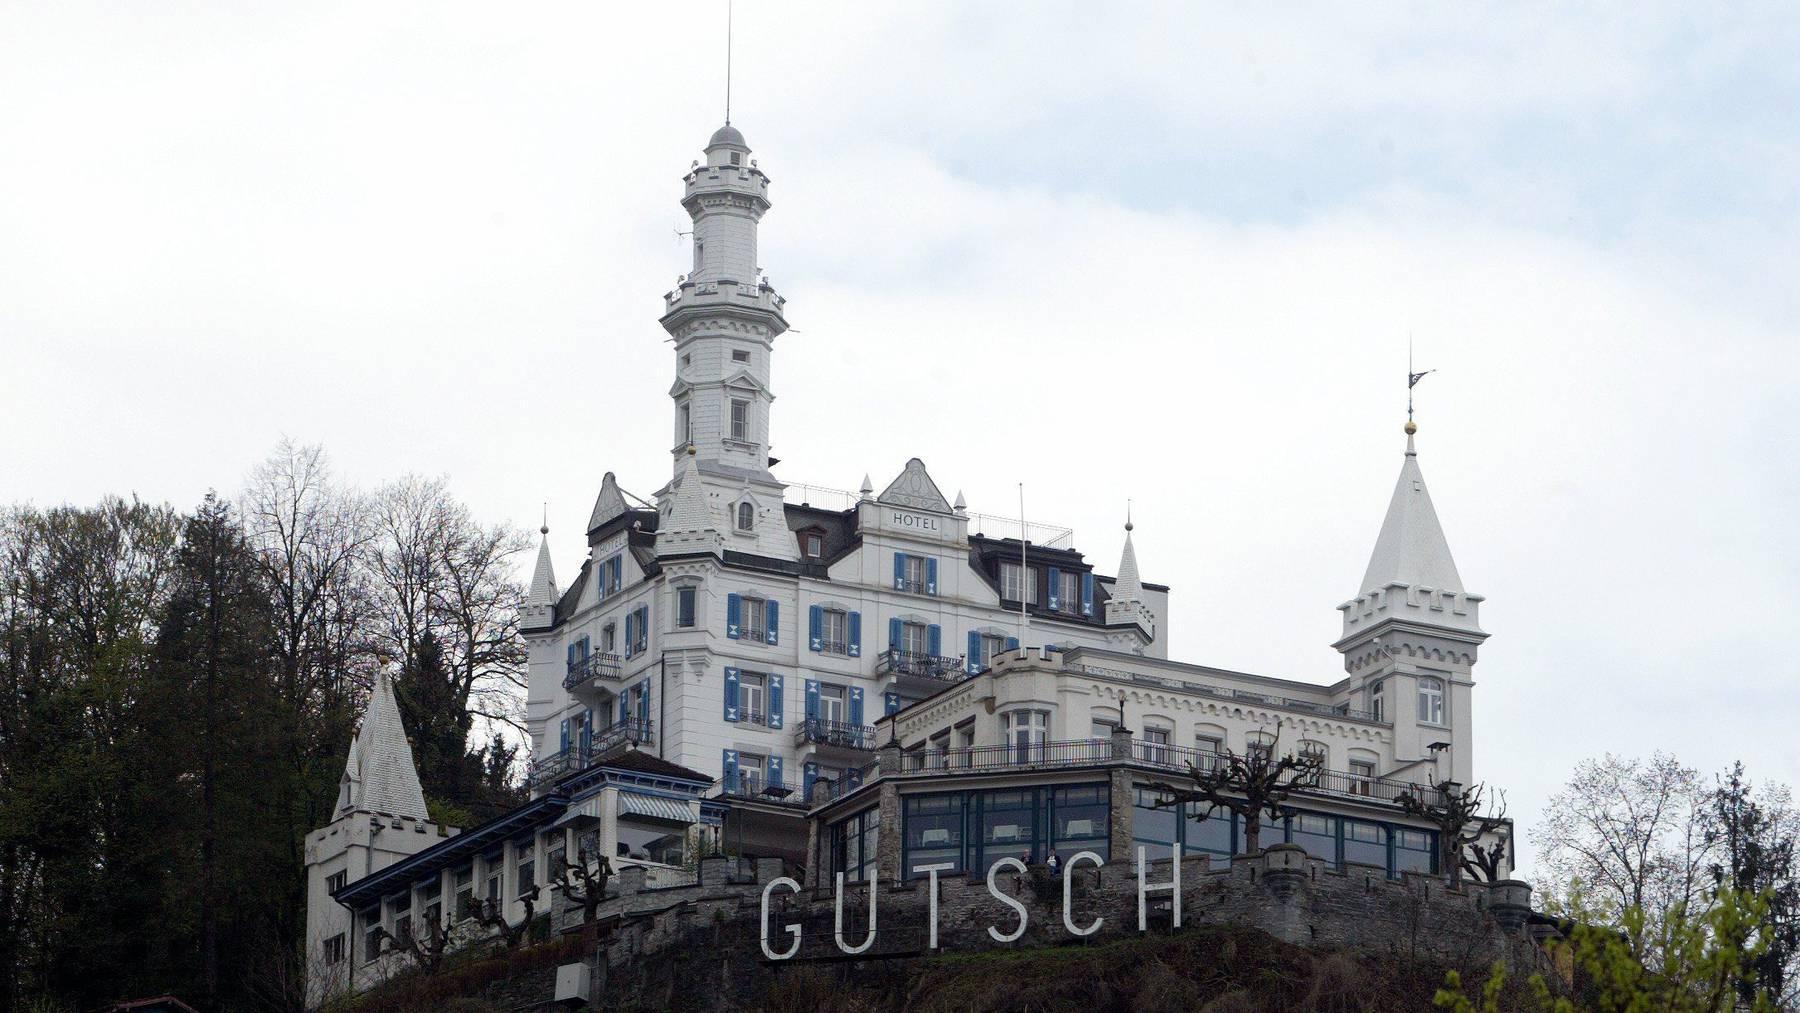 Das Hotel Chateau Guetsch hoch ueber der Stadt Luzern am Sonntag 23. April 2006 wird zur Zeit von der Eigentuemerin UBS zum Verkauf angeboten.